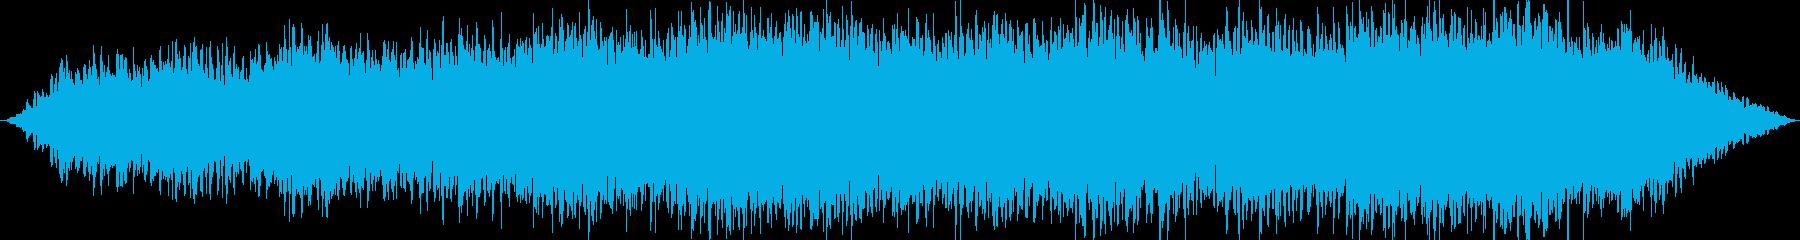 眠りを誘うゆったりとした曲の再生済みの波形